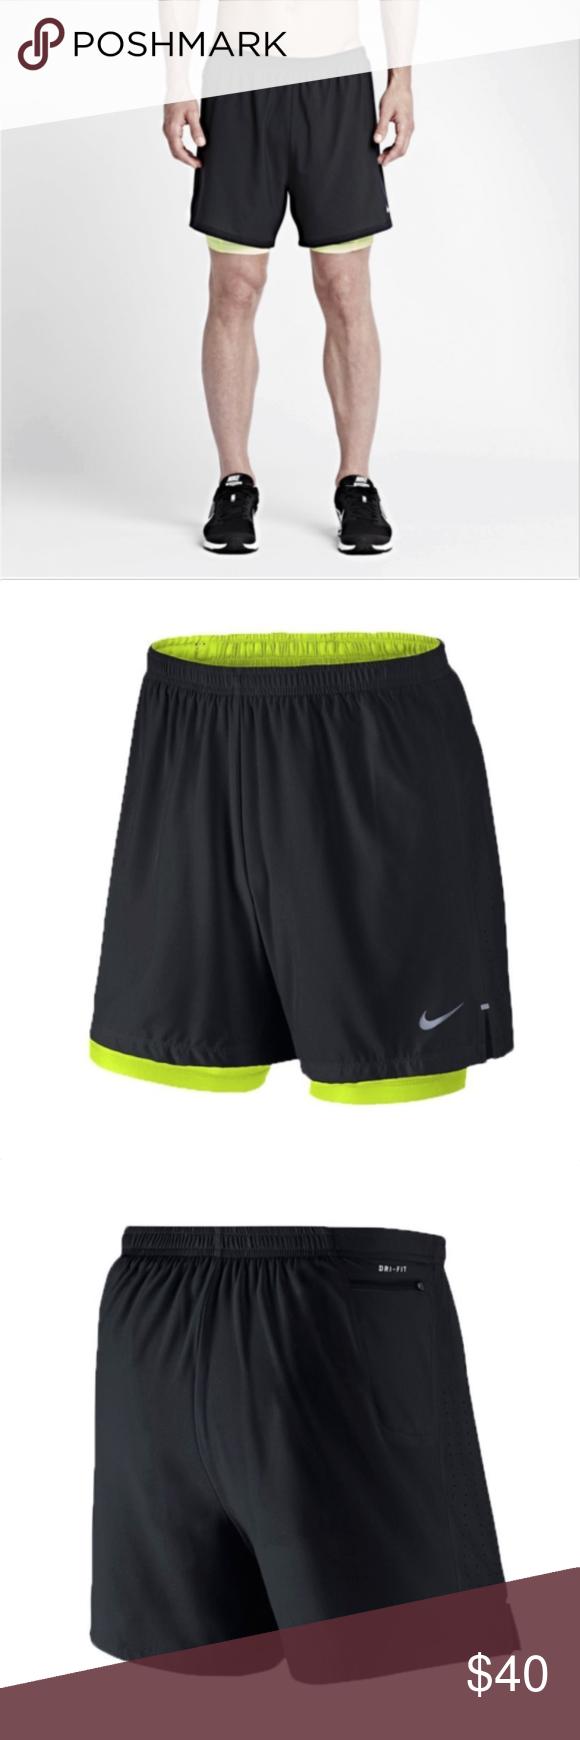 c46cbb23c70 Nike 5